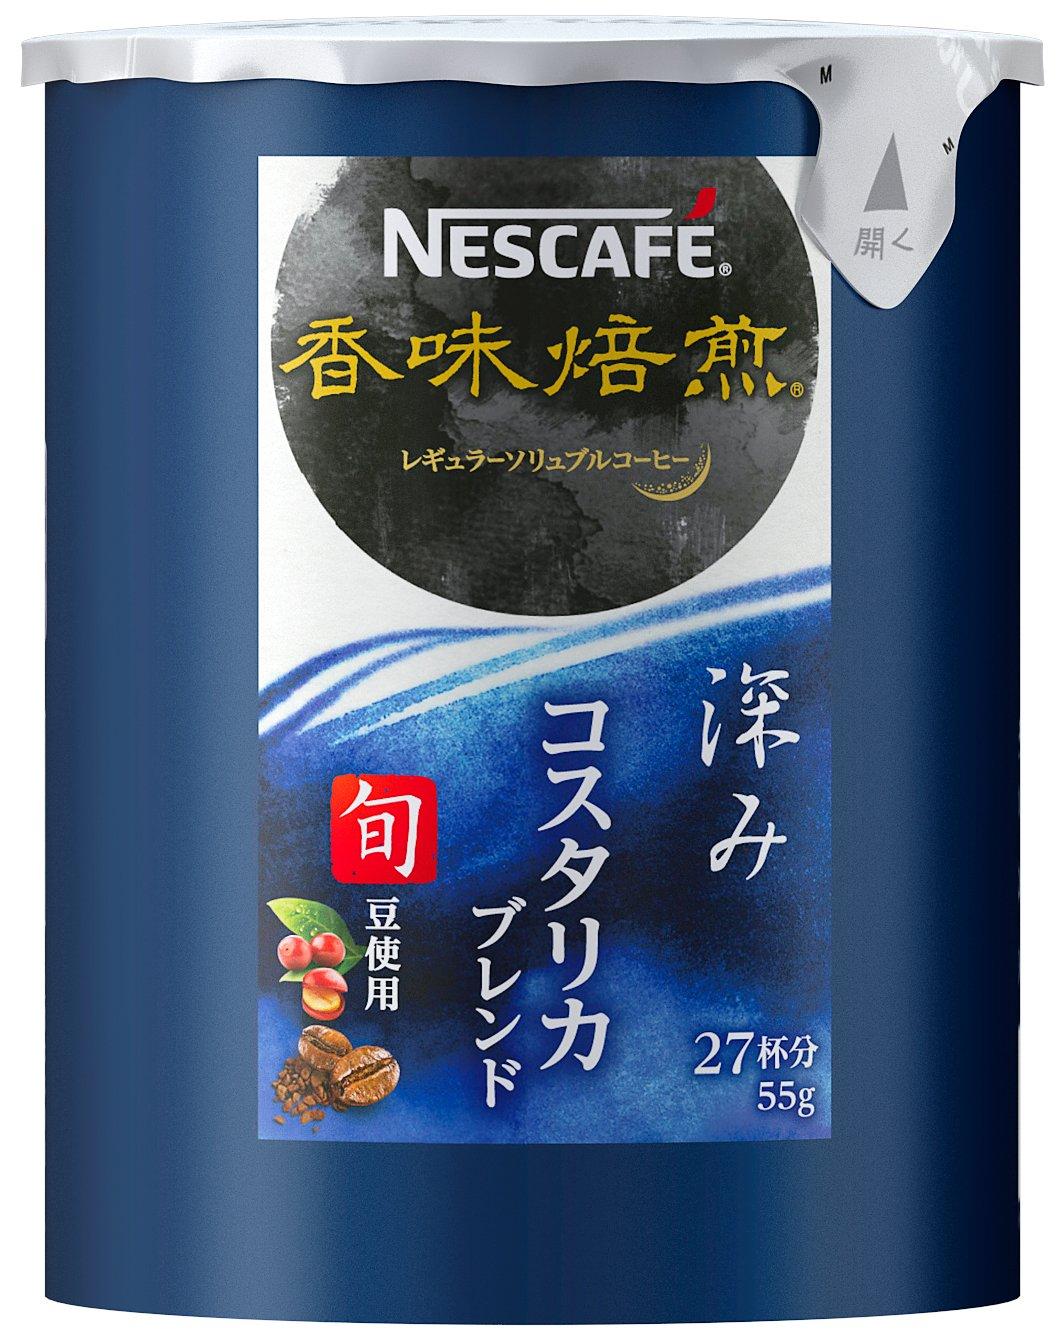 ネスカフェ 香味焙煎 深み エコ&システムパック 詰替 55g